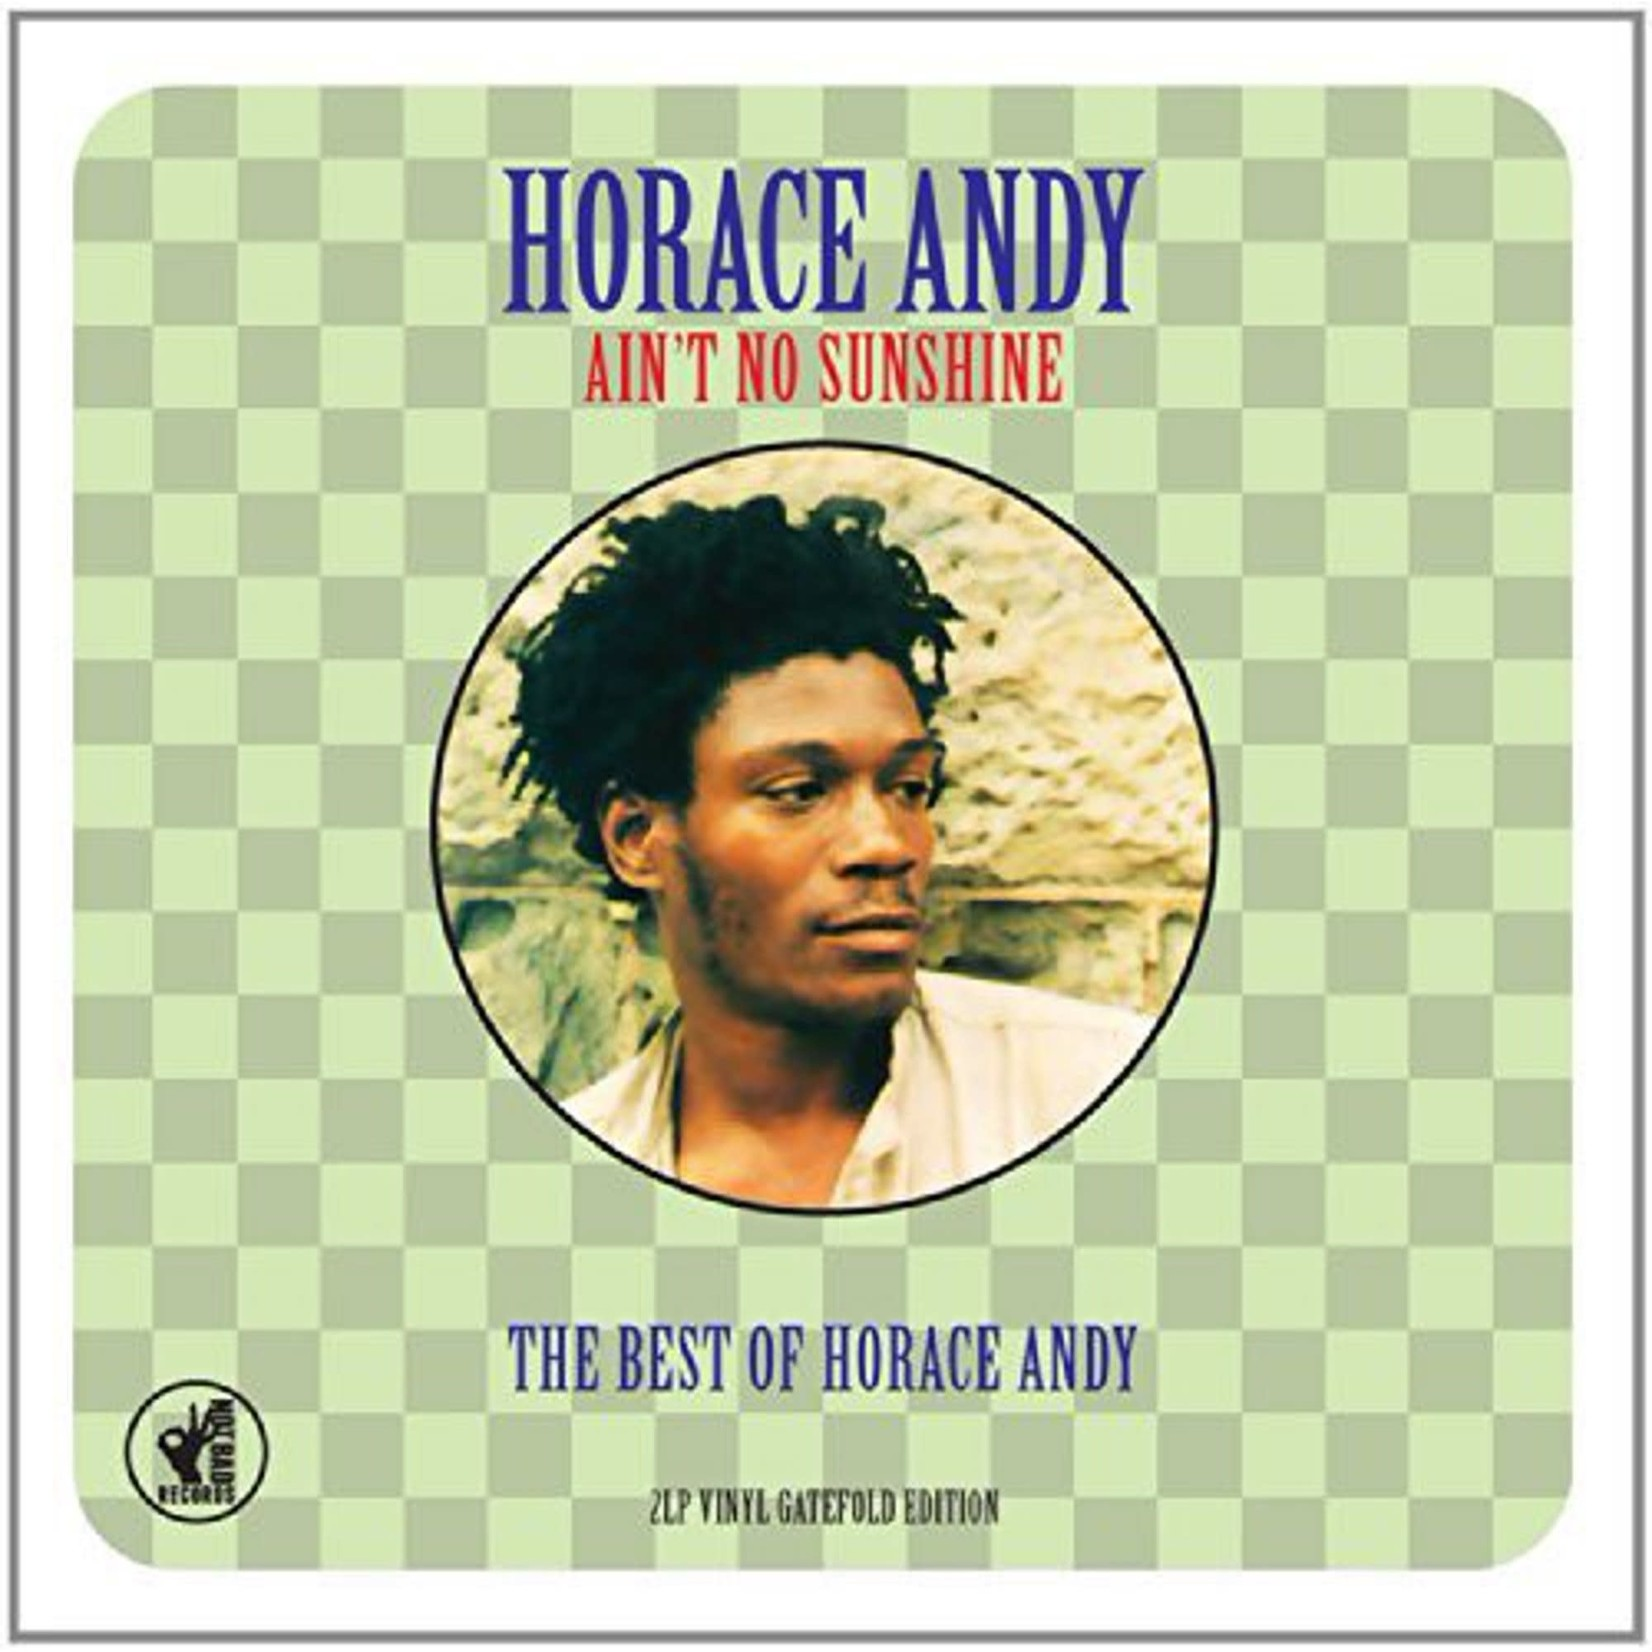 Andy, Horace: Ain't No Sunshine (2LP coloured vinyl)